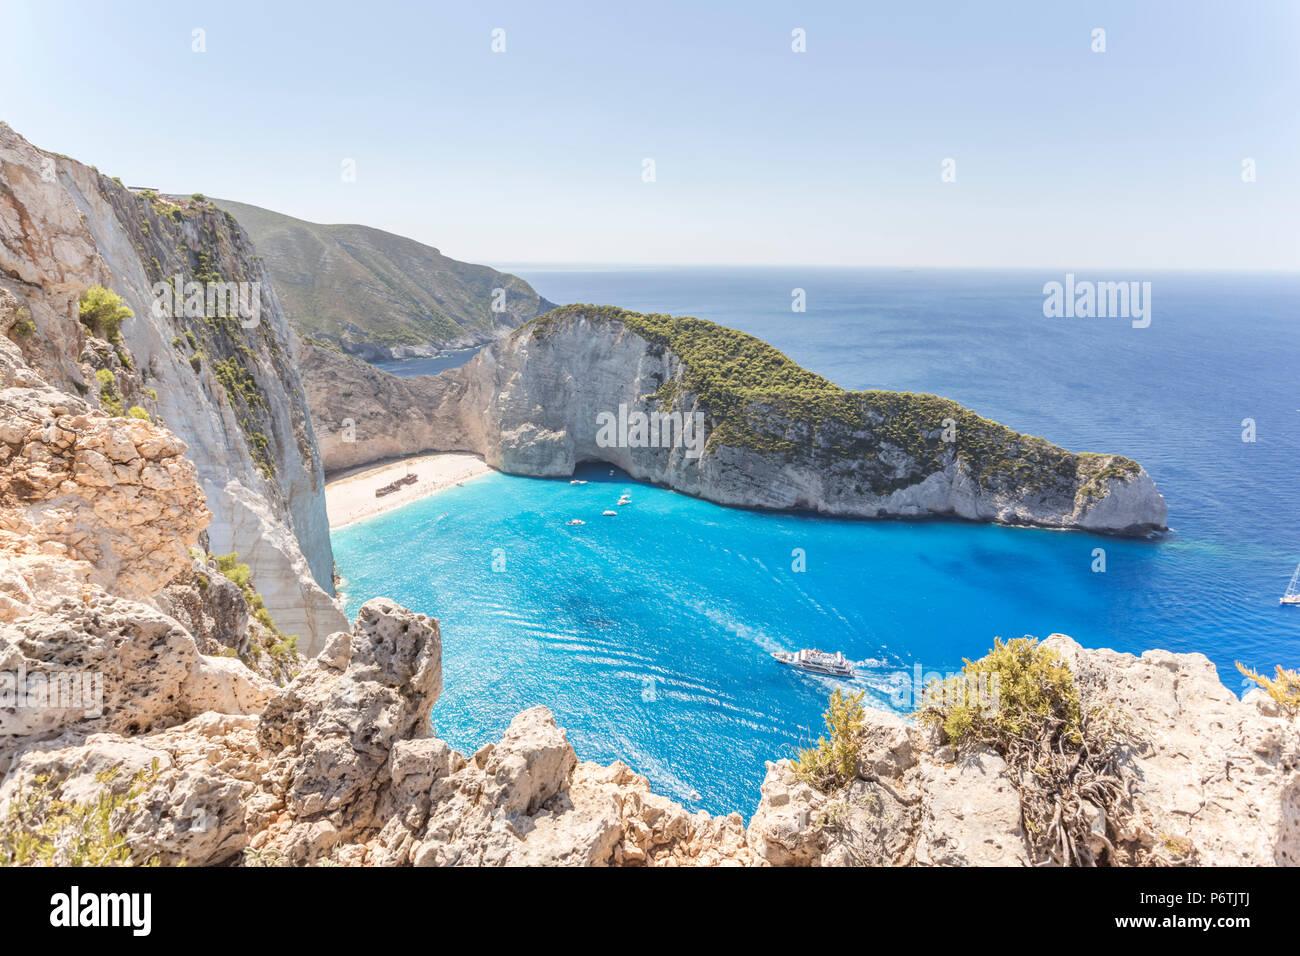 Portrait de la célèbre plage shipwreck. Zante, îles grecques, Grèce Photo Stock